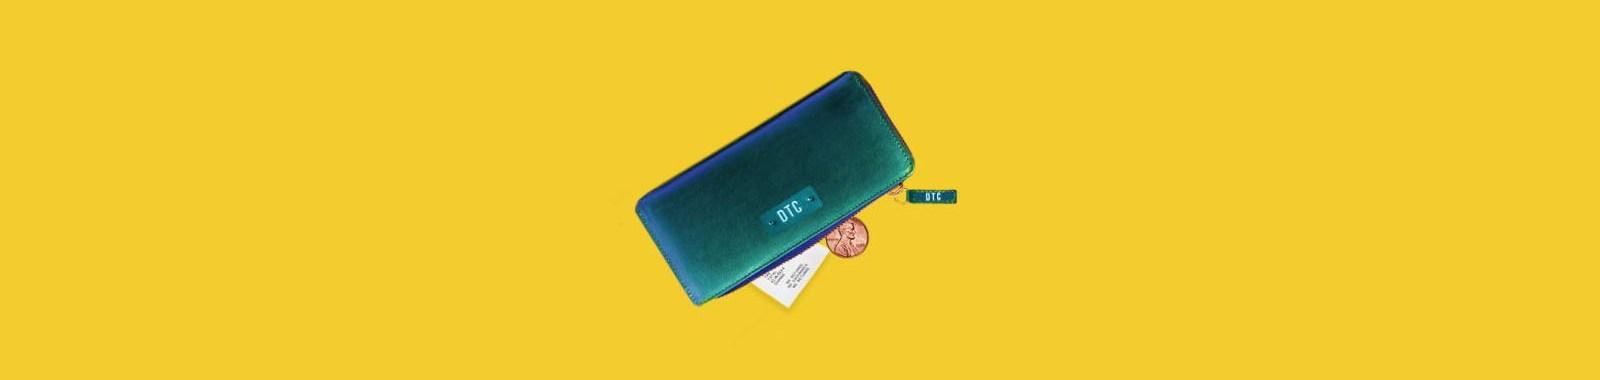 DTC_wallet-750x453-eye